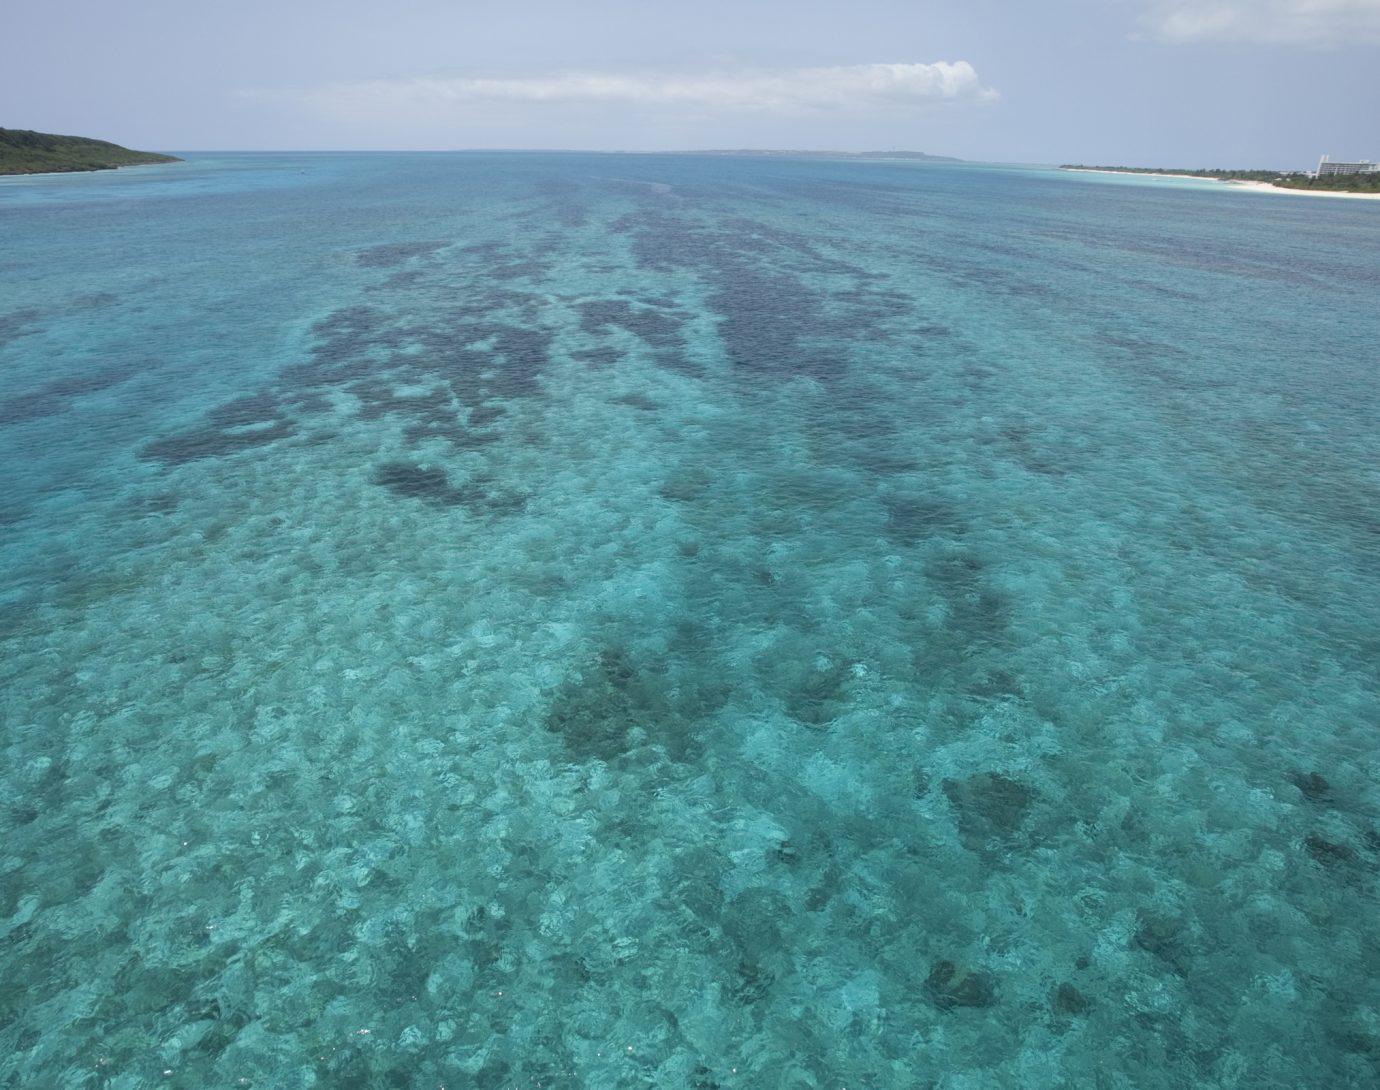 宮古島 ここにしかない「宮古ブルー」を探す、<br /> リゾート島を巡るあなただけの旅へ。